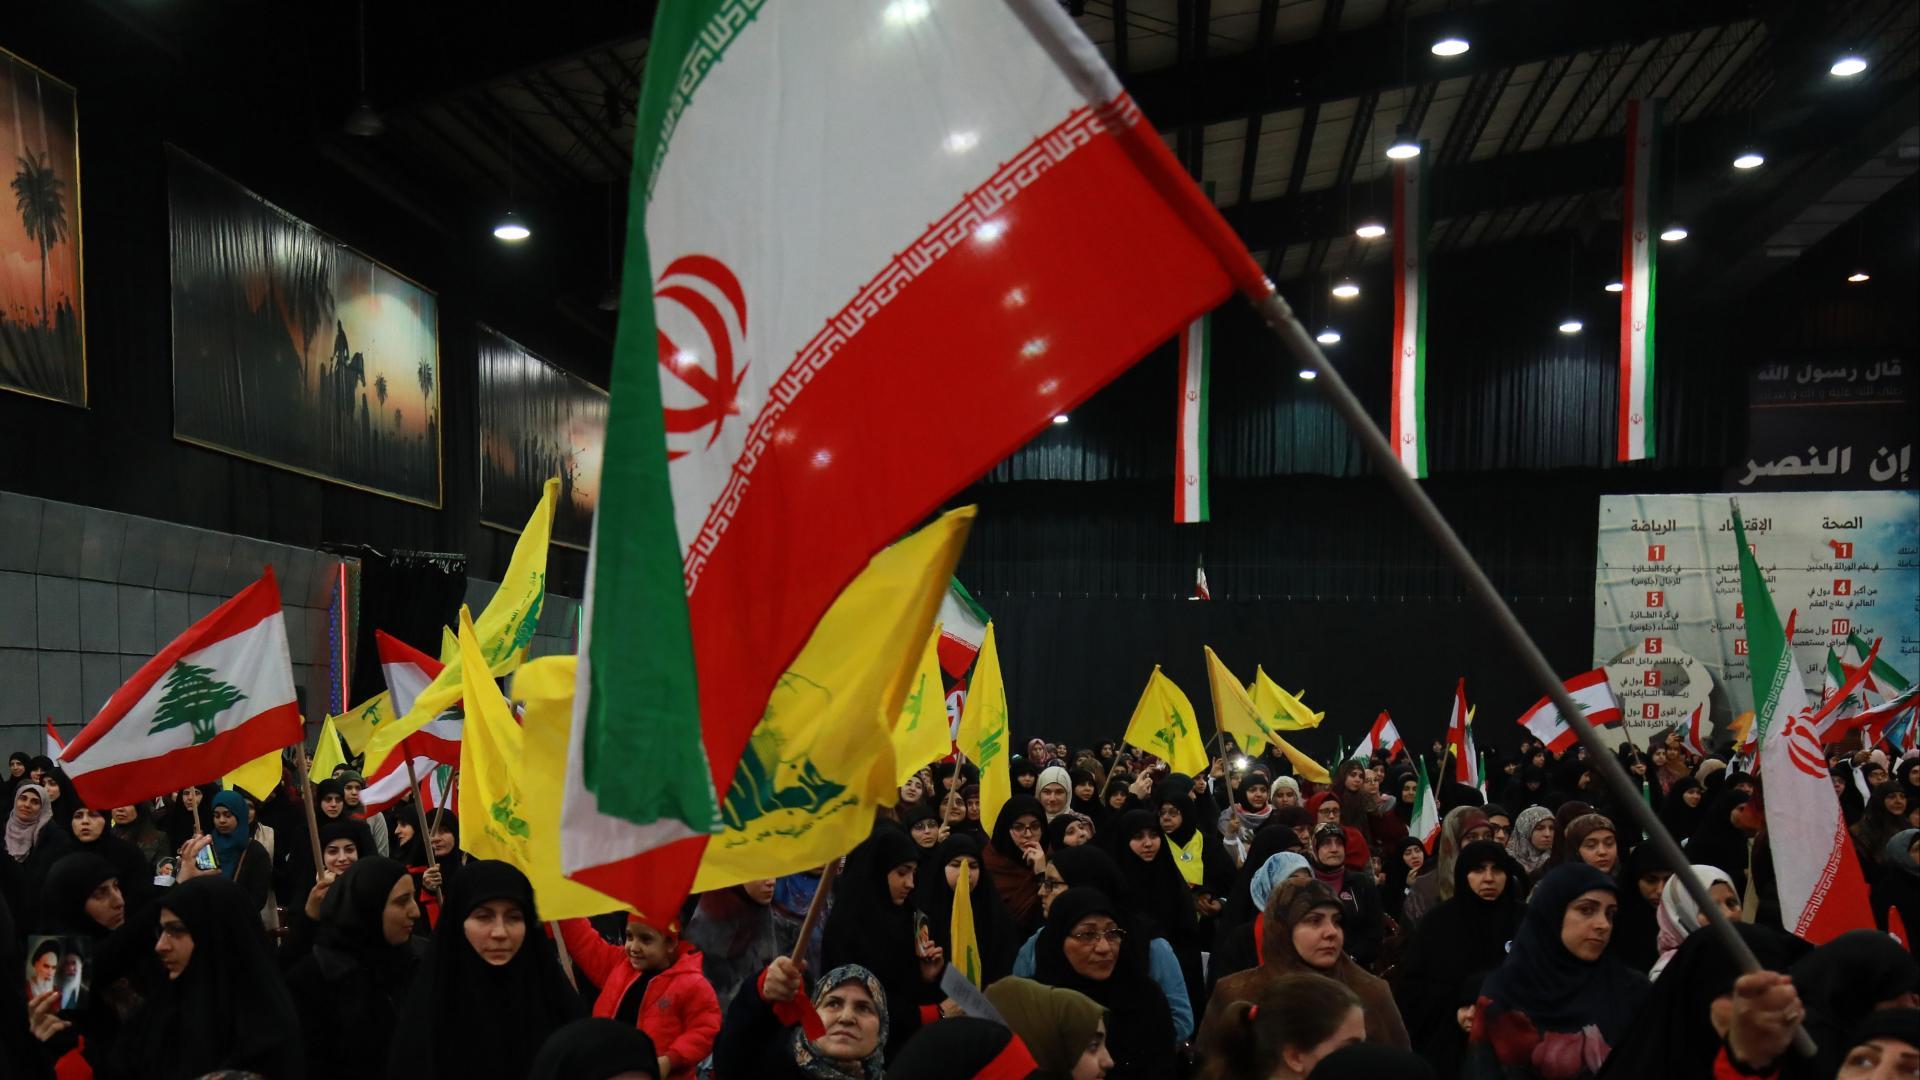 بريطانيا تعتزم فرض حظر على جميع أجنحة حزب الله.. وتعاقب المنتمين له بالسجن